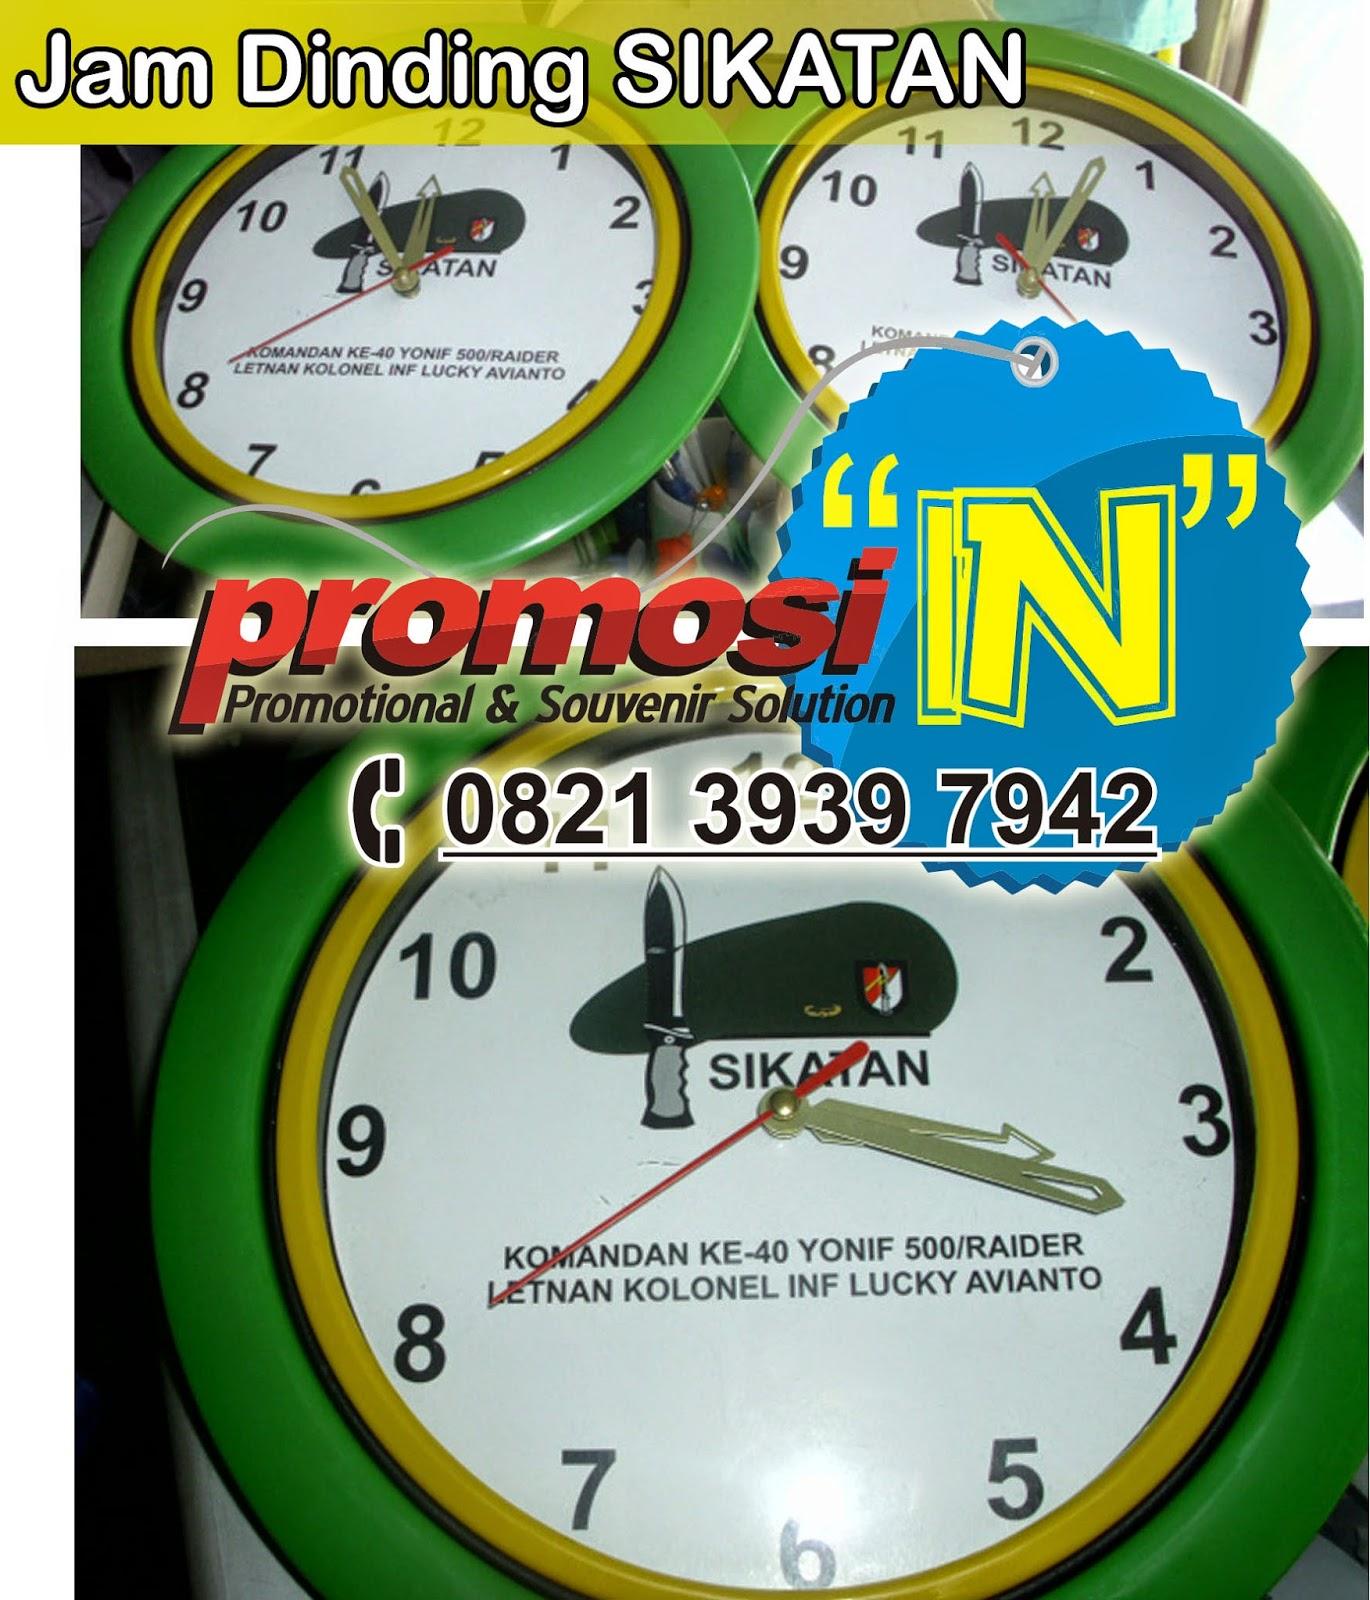 Jam Dinding, Jual Jam Dinding Promosi Murah, Jual Jam Dinding Promosi, Jam Dinding Souvenir, Jam Dinding Sablon, Jam Dinding Press,